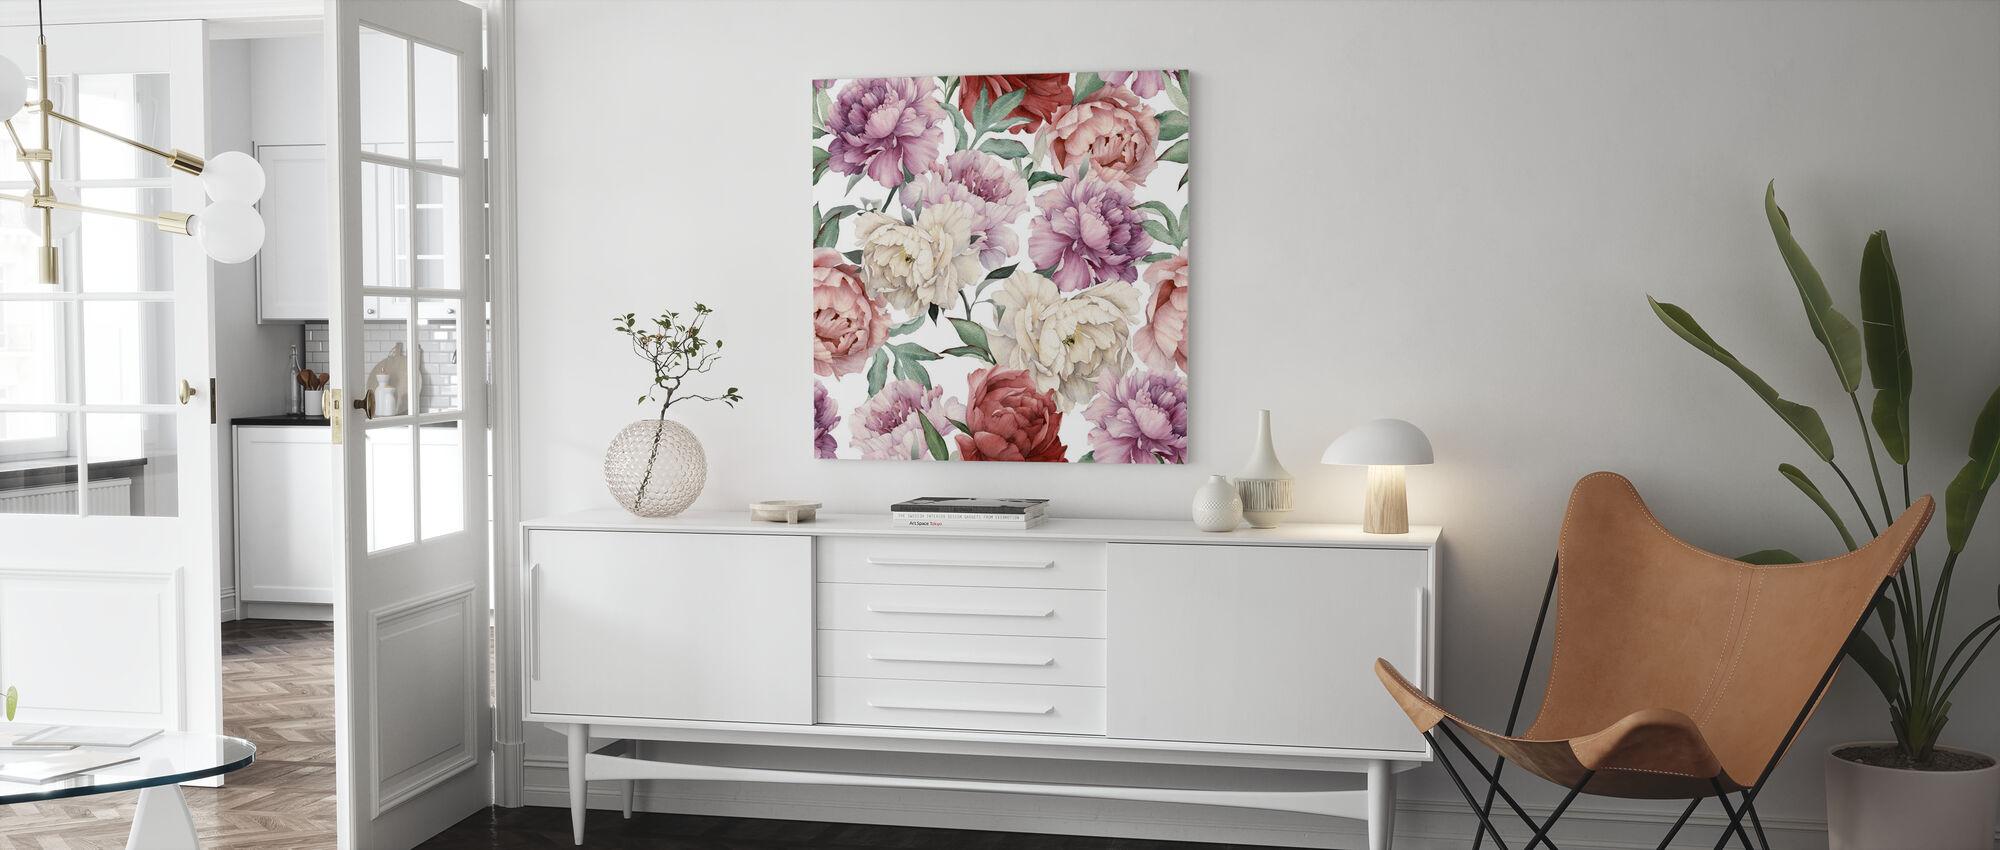 Sweet Peonies - Canvas print - Living Room